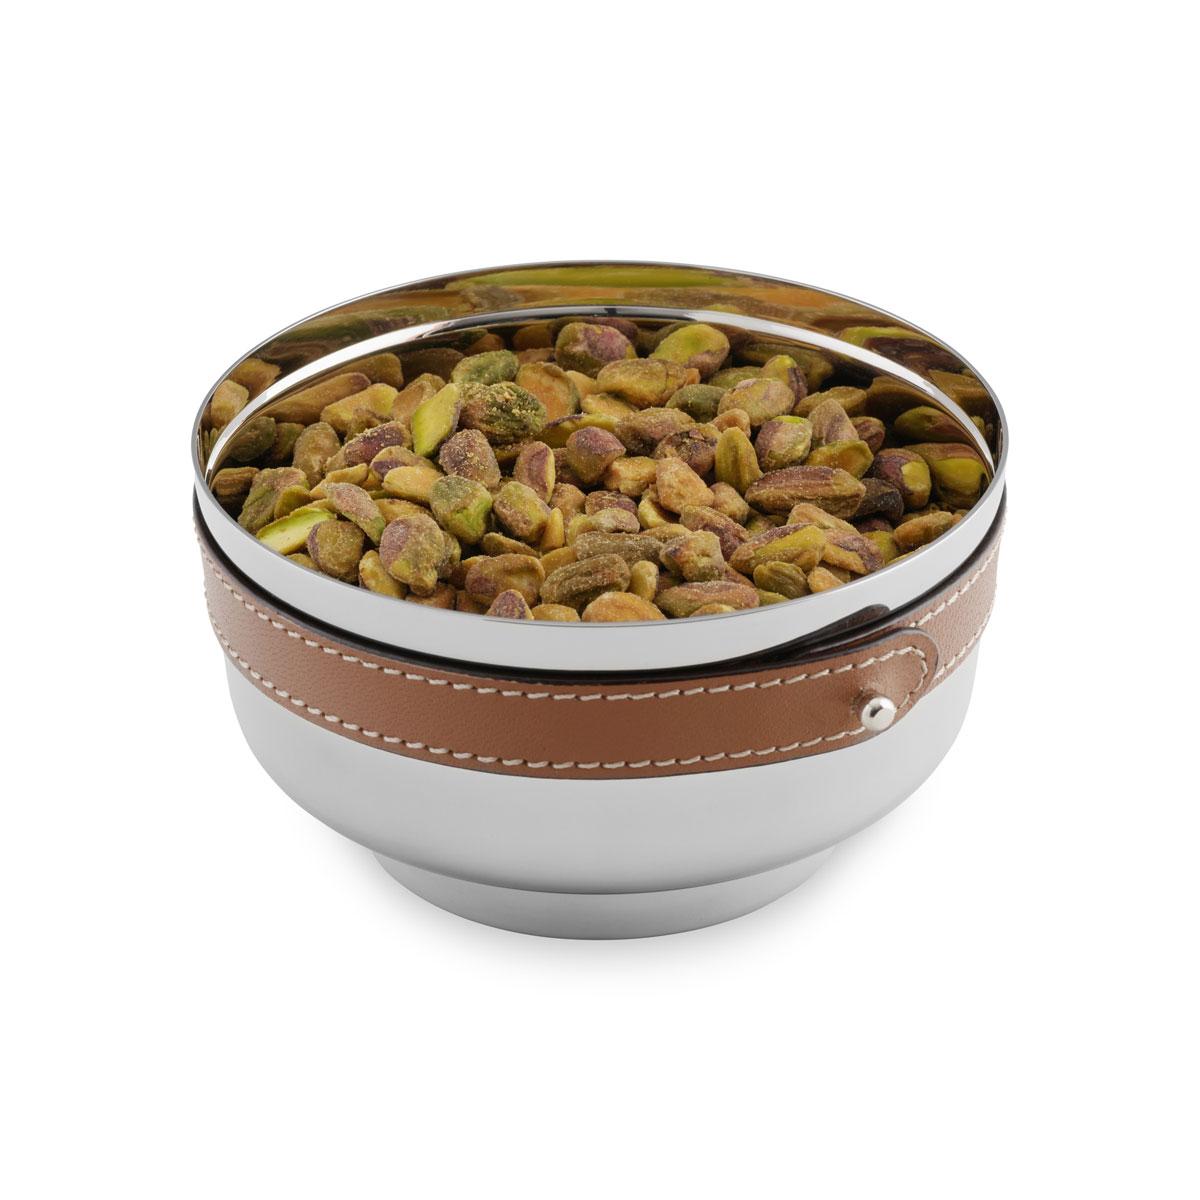 Nambe Tahoe Nut Bowl